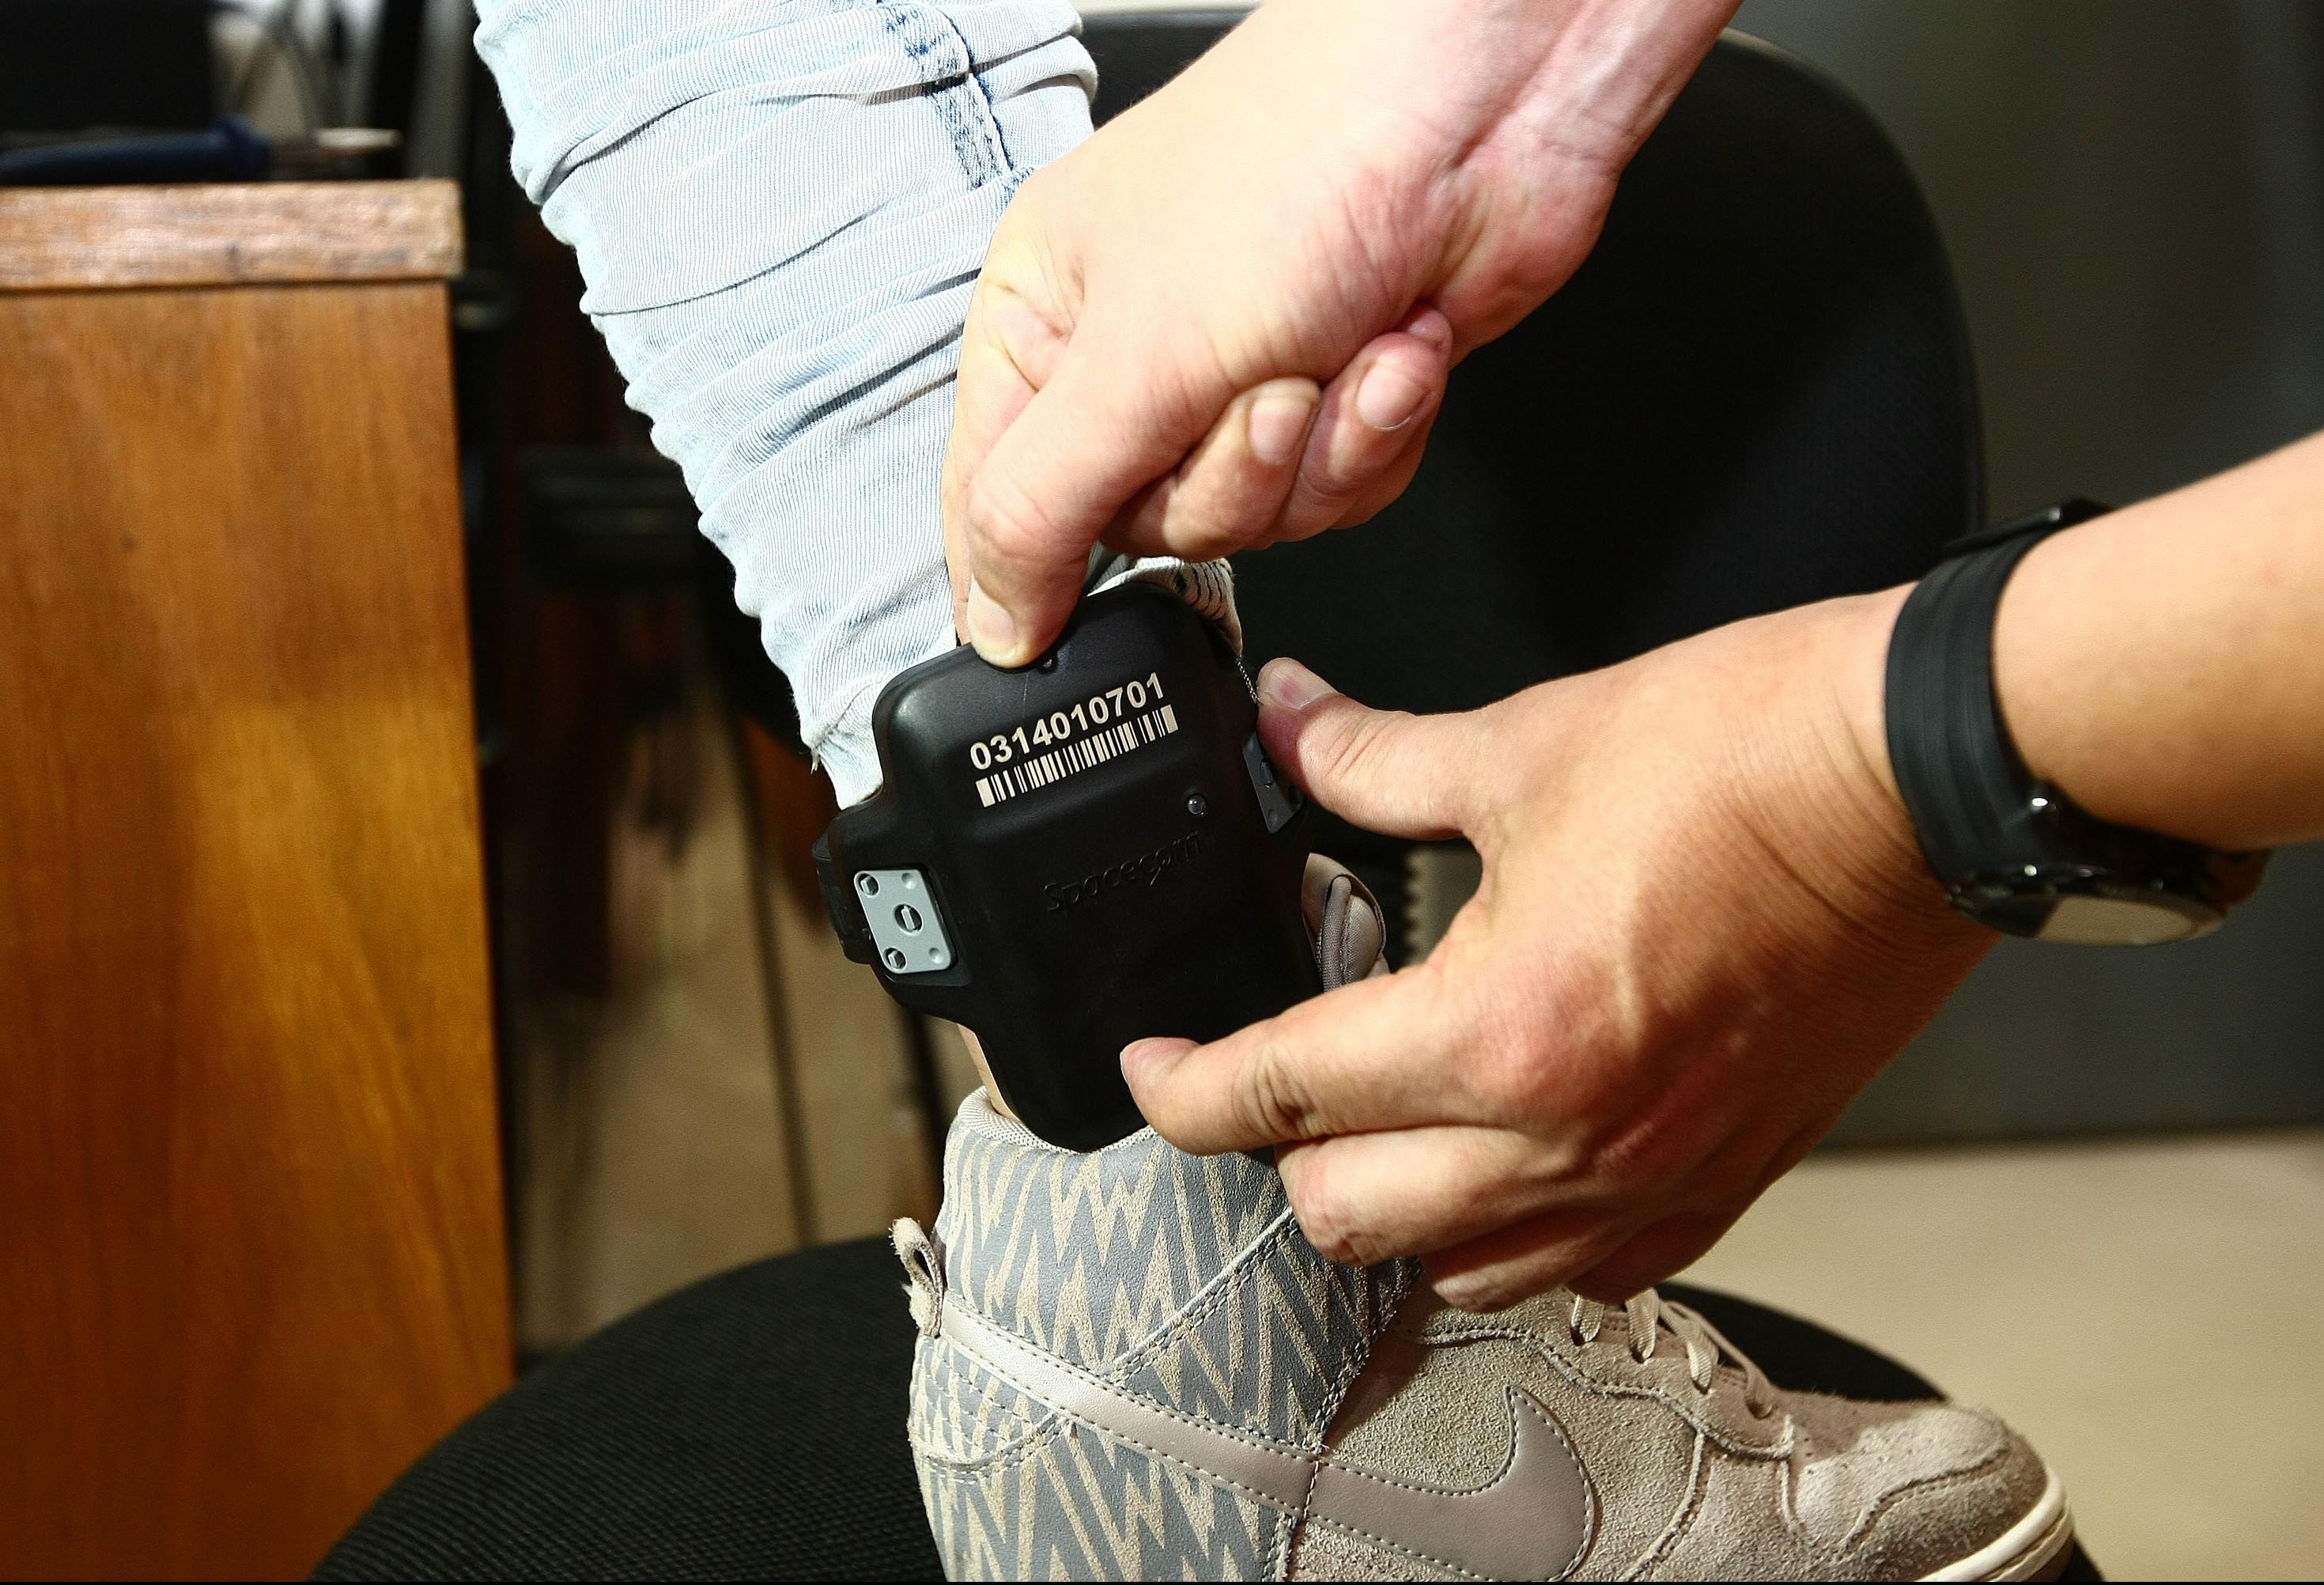 Forças de segurança querem fiscalizar tornozeleiras eletrônicas